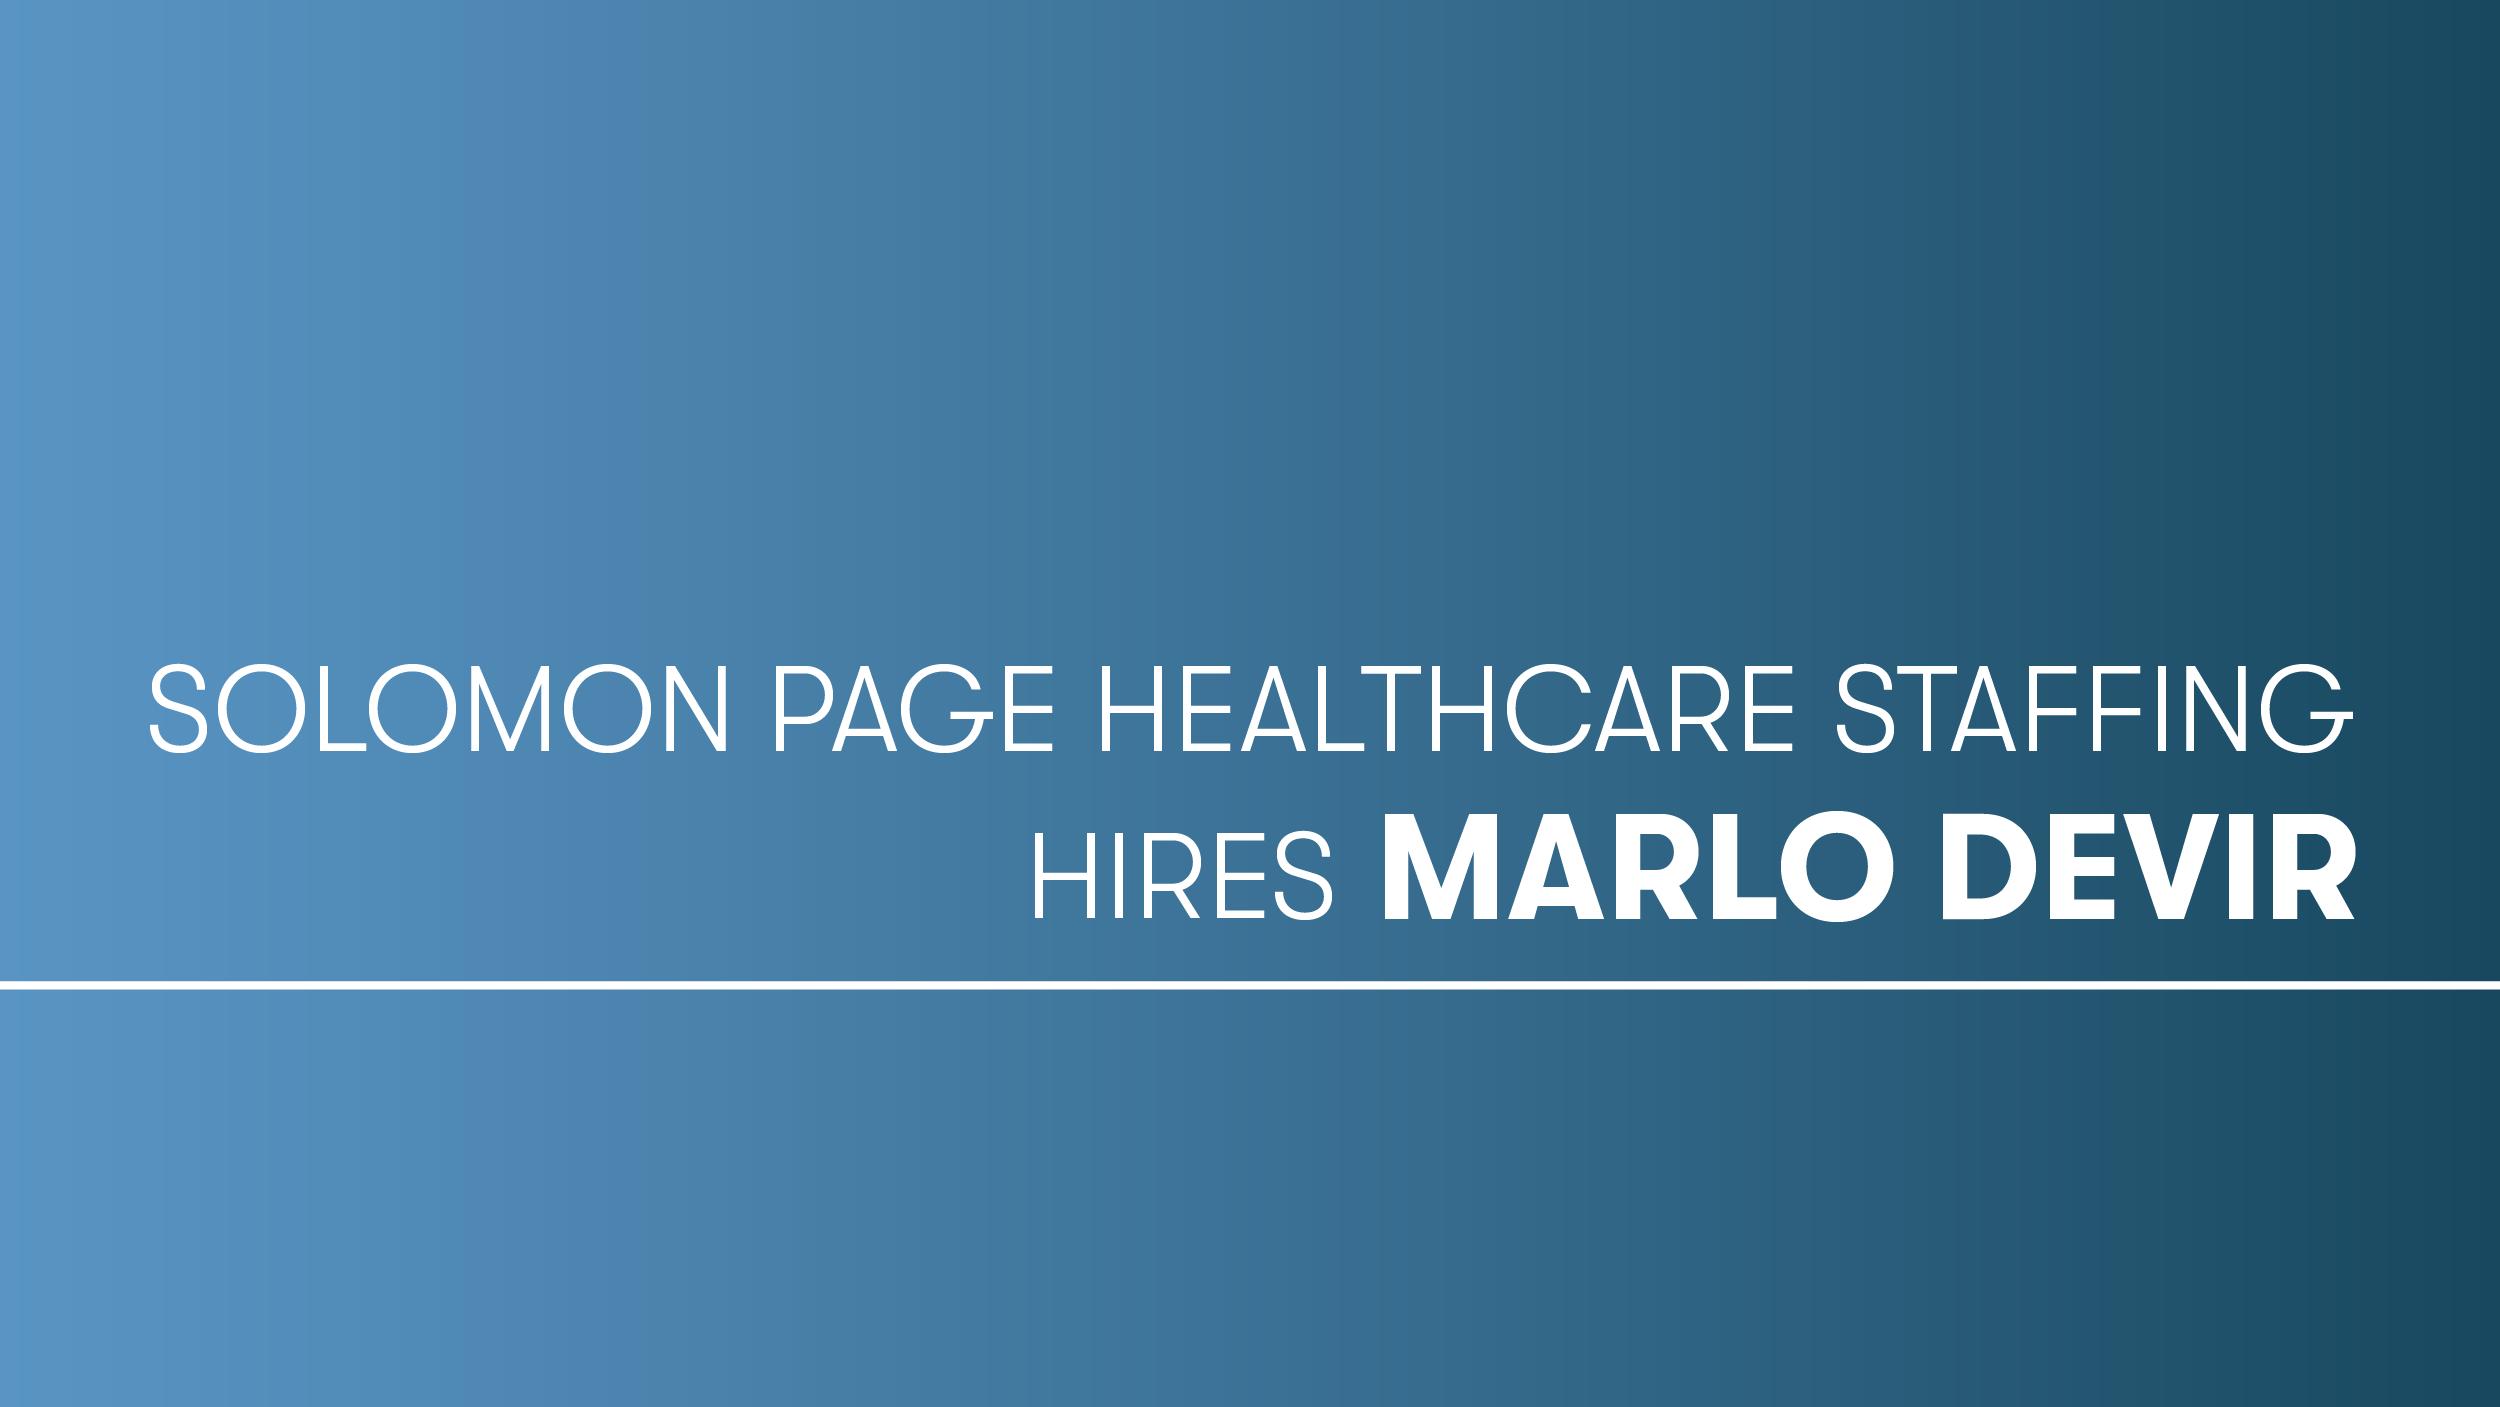 Solomon Page Healthcare Staffing Hires Marlo Devir